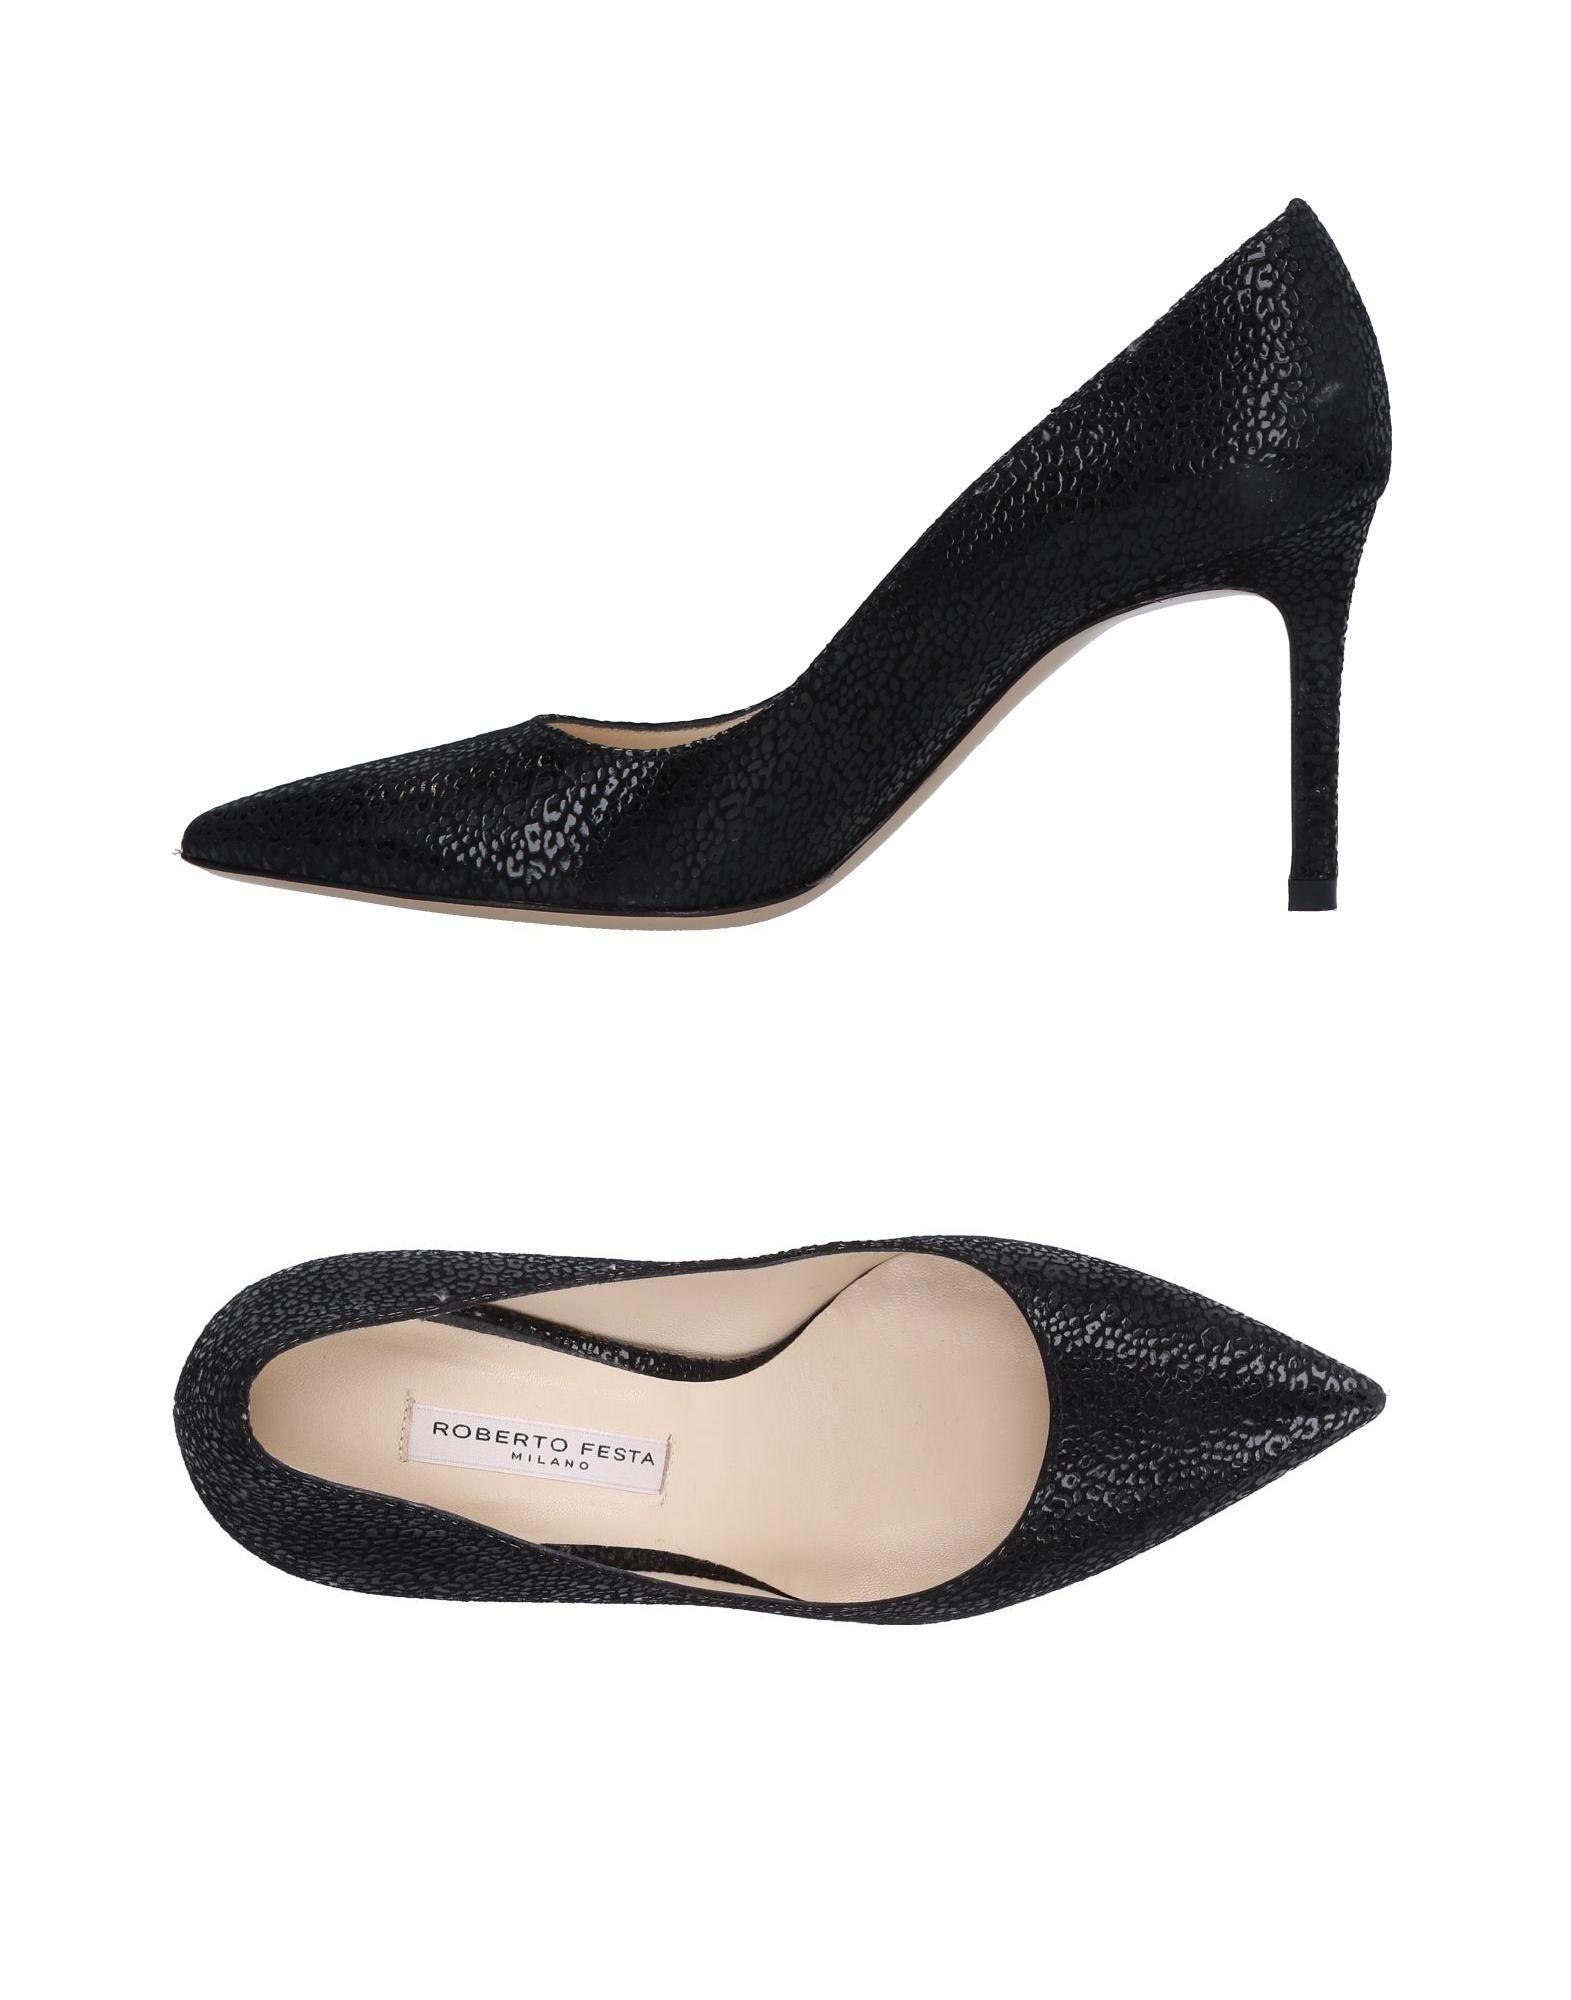 Sandali Piampiani Donna e - 11571279QL Nuove offerte e Donna scarpe comode 1f5b7d